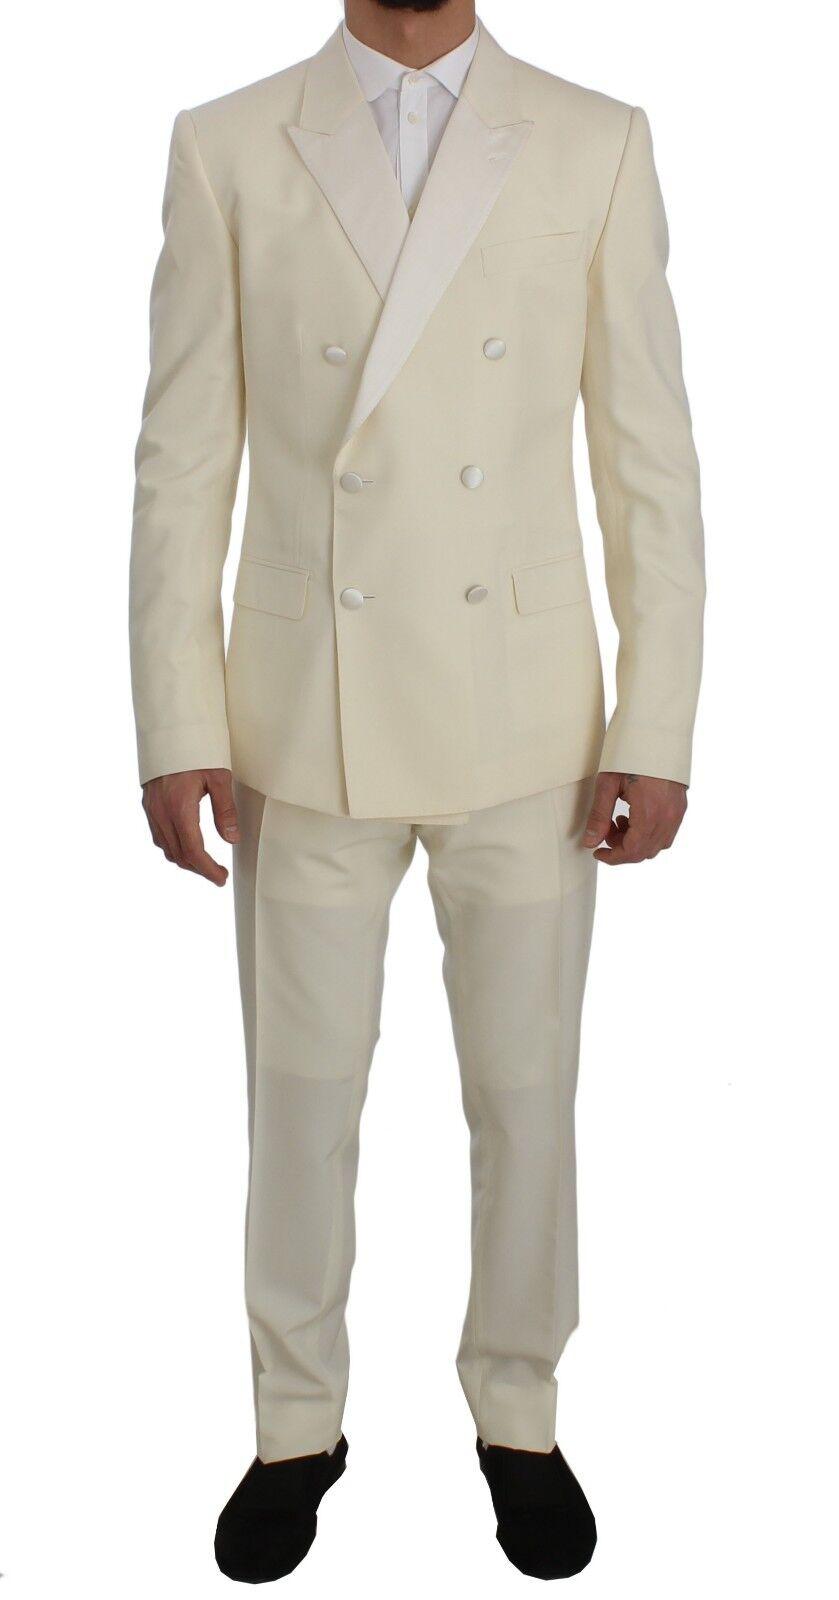 NEW 2800 DOLCE & GABBANA Suit 3 Piece Cream Weiß Wool Silk Slim Fit EU50 /US40